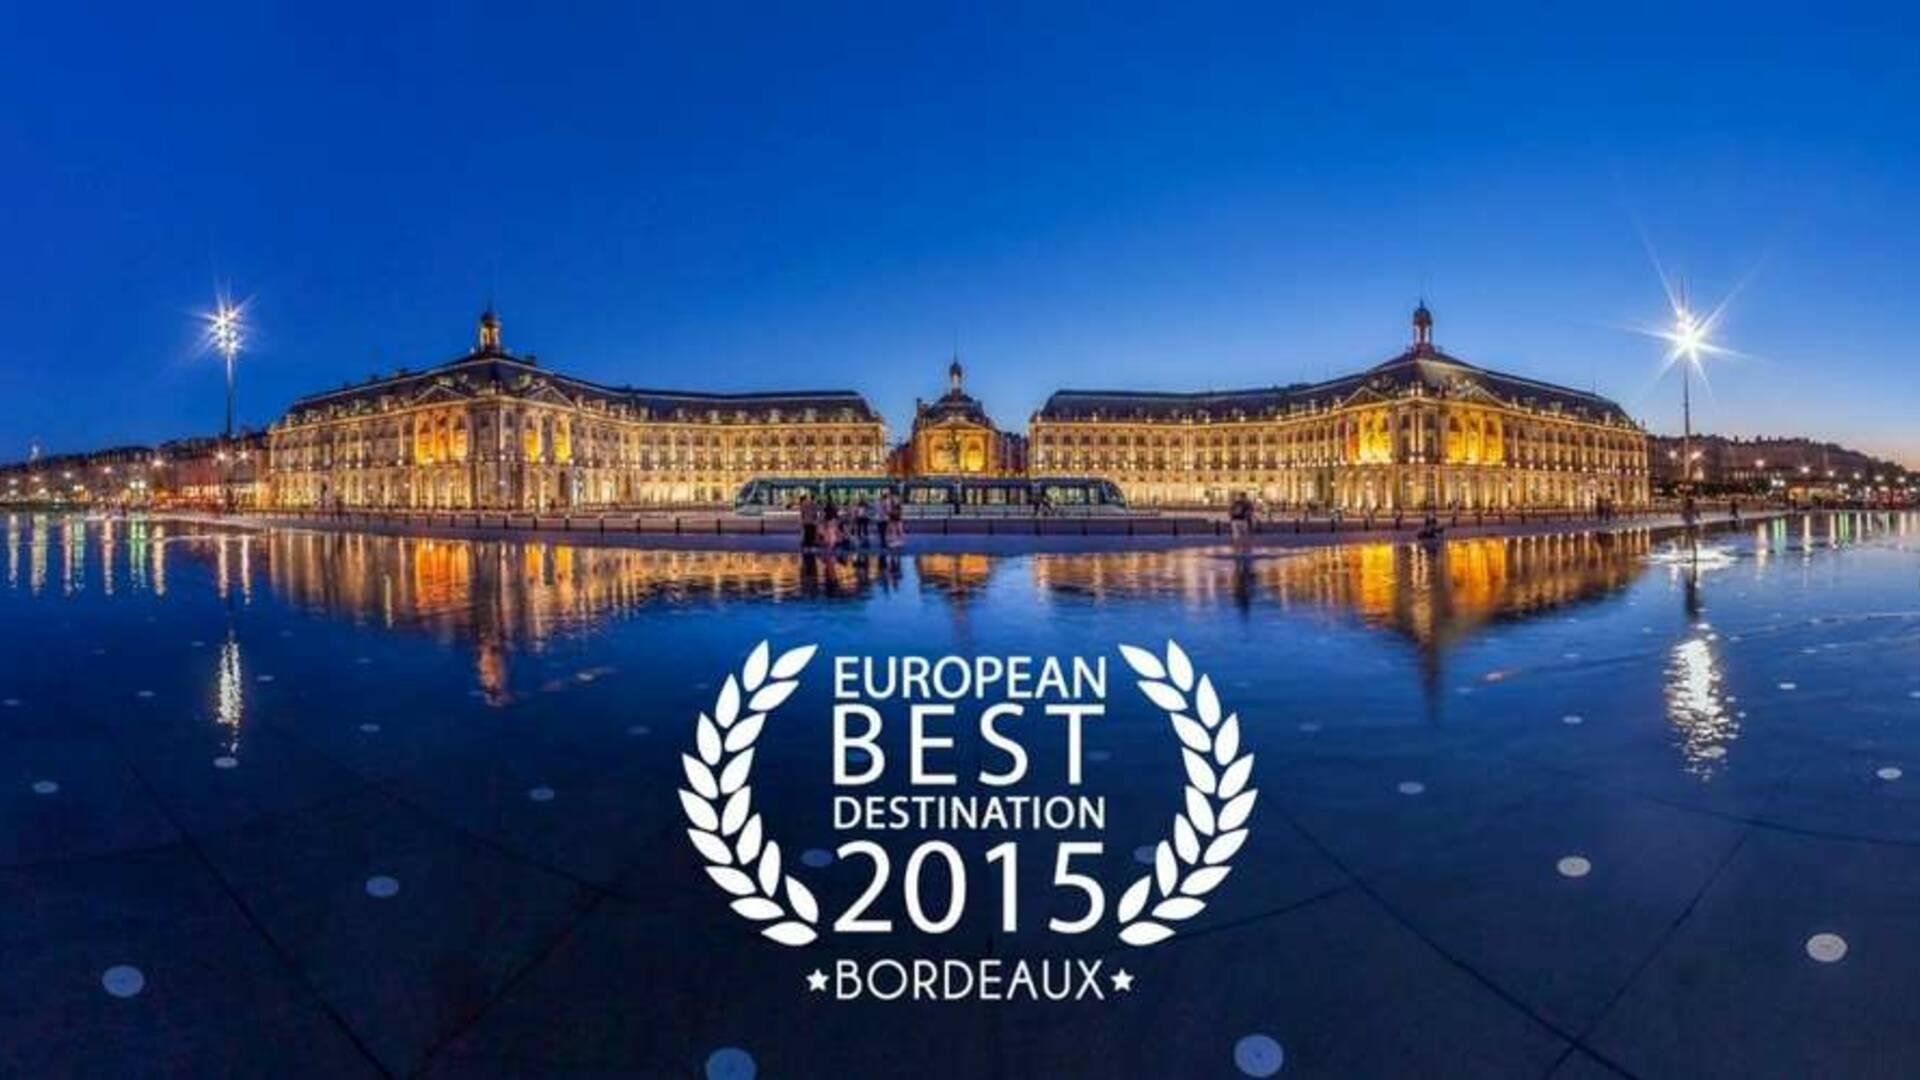 BORDEAUX en France, élue European Best Destination en 2015